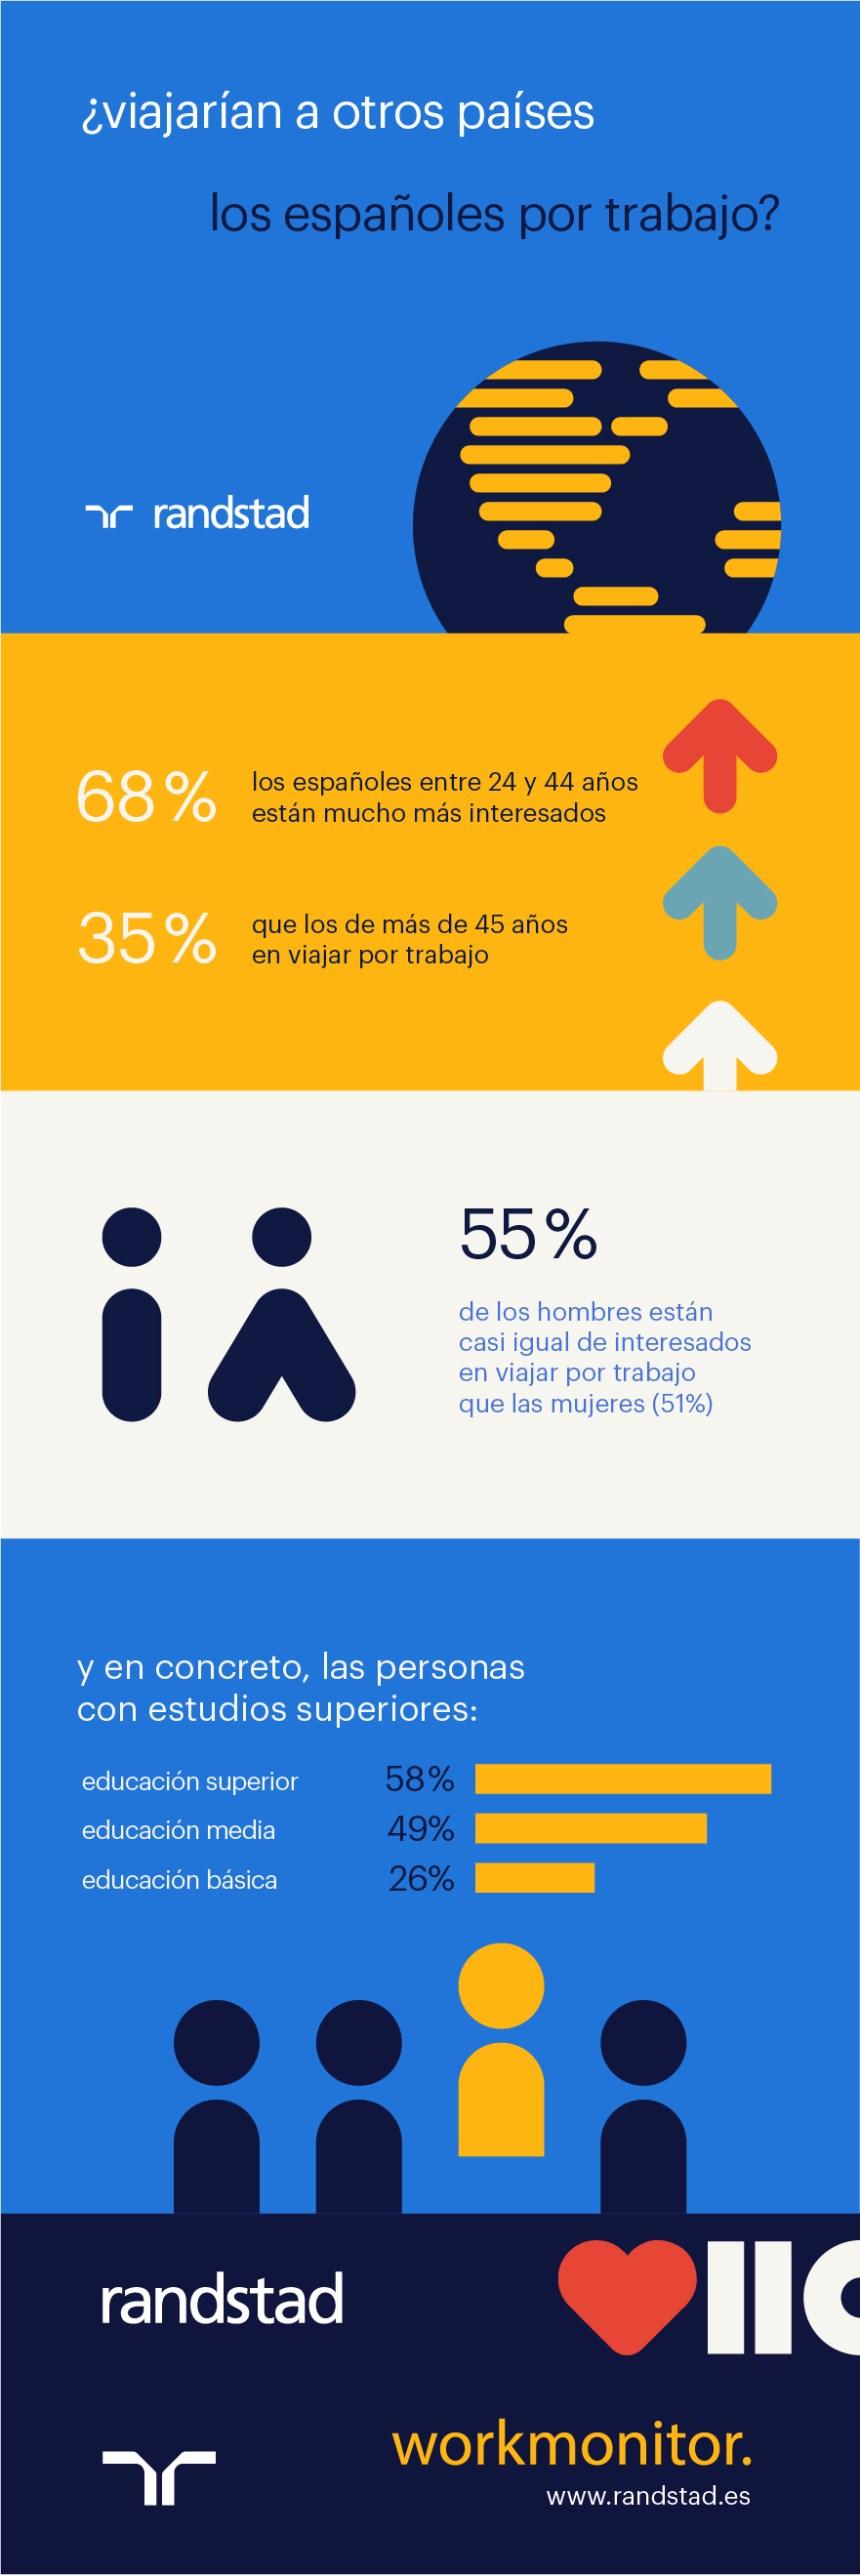 ¿Viajarían a otros países los españoles por trabajo?